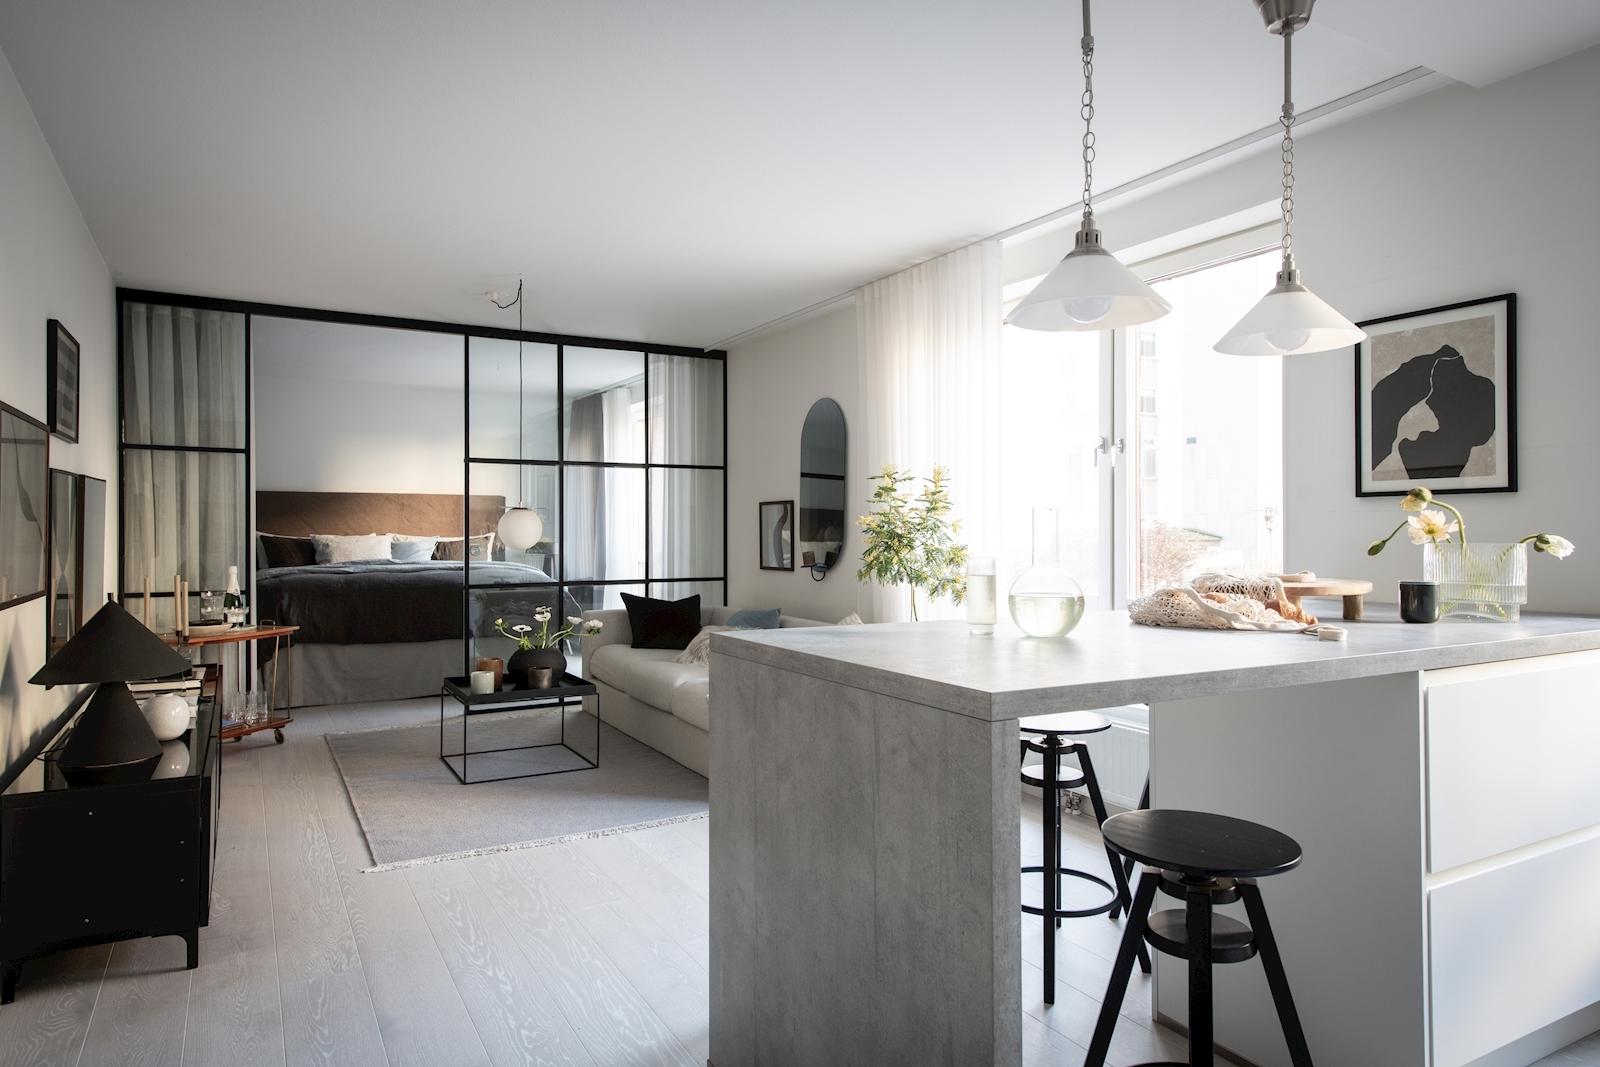 квартира 52 квм кухня кухонный остров